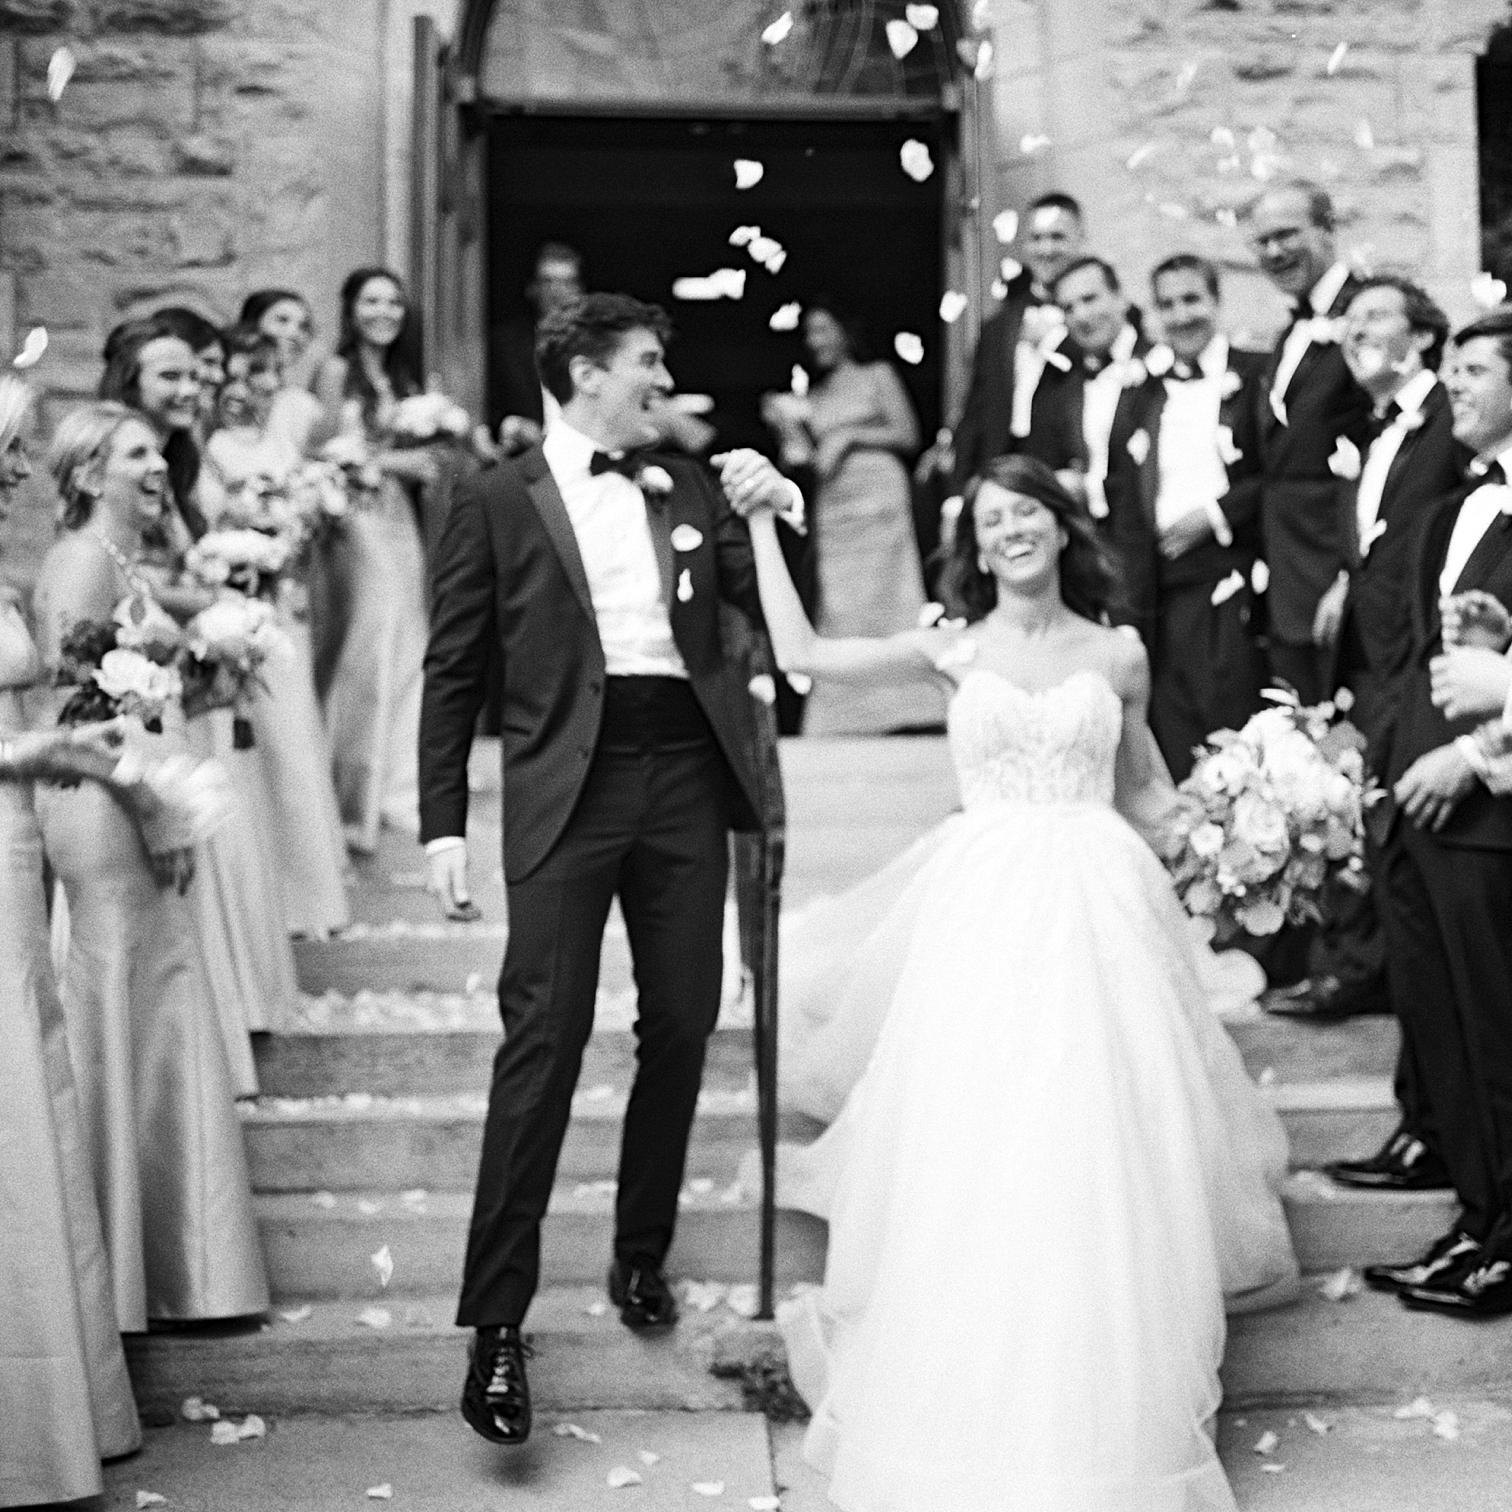 Boulder Weddings, Colorado Wedding Photographers, Denver Wedding Photographers, Film Photographers, Rolleiflex Camera, Colorado Weddings, Danielle DeFiore Photography, Denver Weddings, Boulder County Club Weddings, Classic Weddings In Colorado, Black Tie Weddings, Country Club Weddings, Church Weddings In Colorado, Best Wedding Photographers In Colorado, Chautauqua Park, Church Wedding In Boulder, Bride and Groom Exit Shots